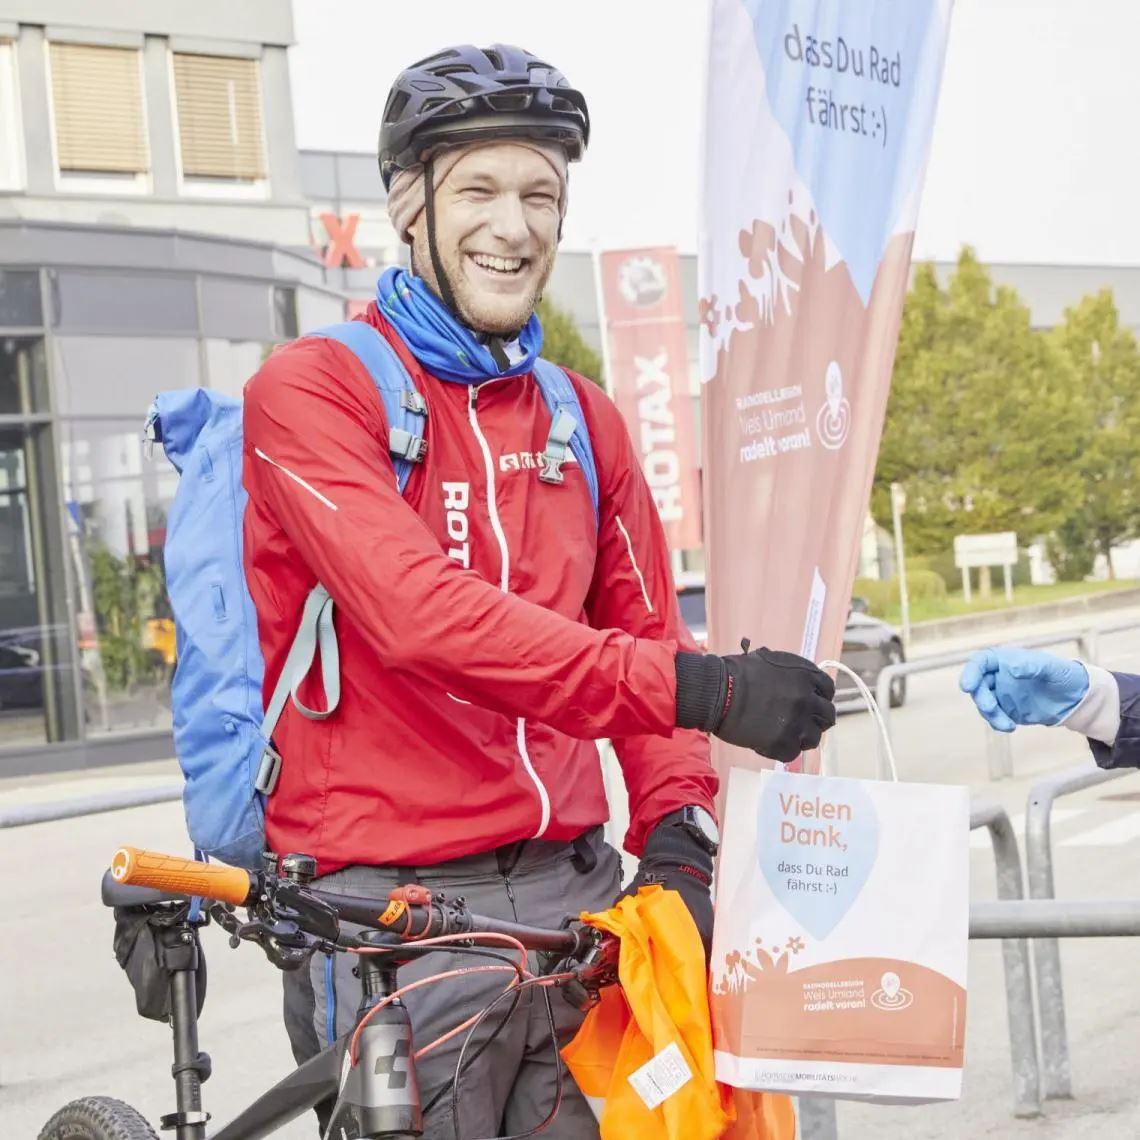 Mann auf Fahrrad mit Früstückssackerl